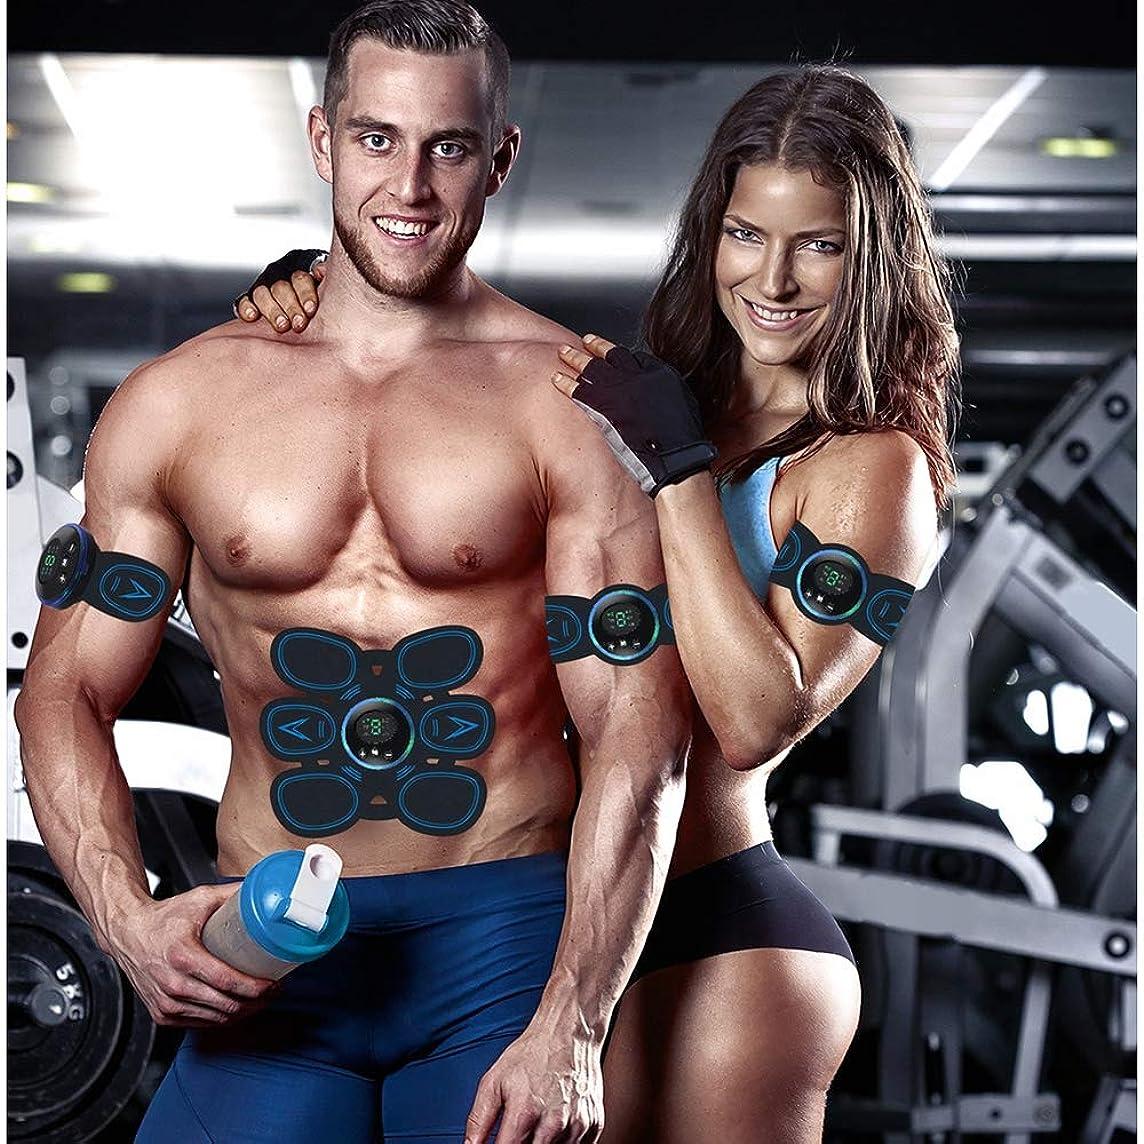 あえてユーザー風が強い新しいスマート腹部デバイスEMS筋肉刺激装置USB充電式減量細い腰筋肉トレーニングウエスト整形ボディマッサージフィットネス機器